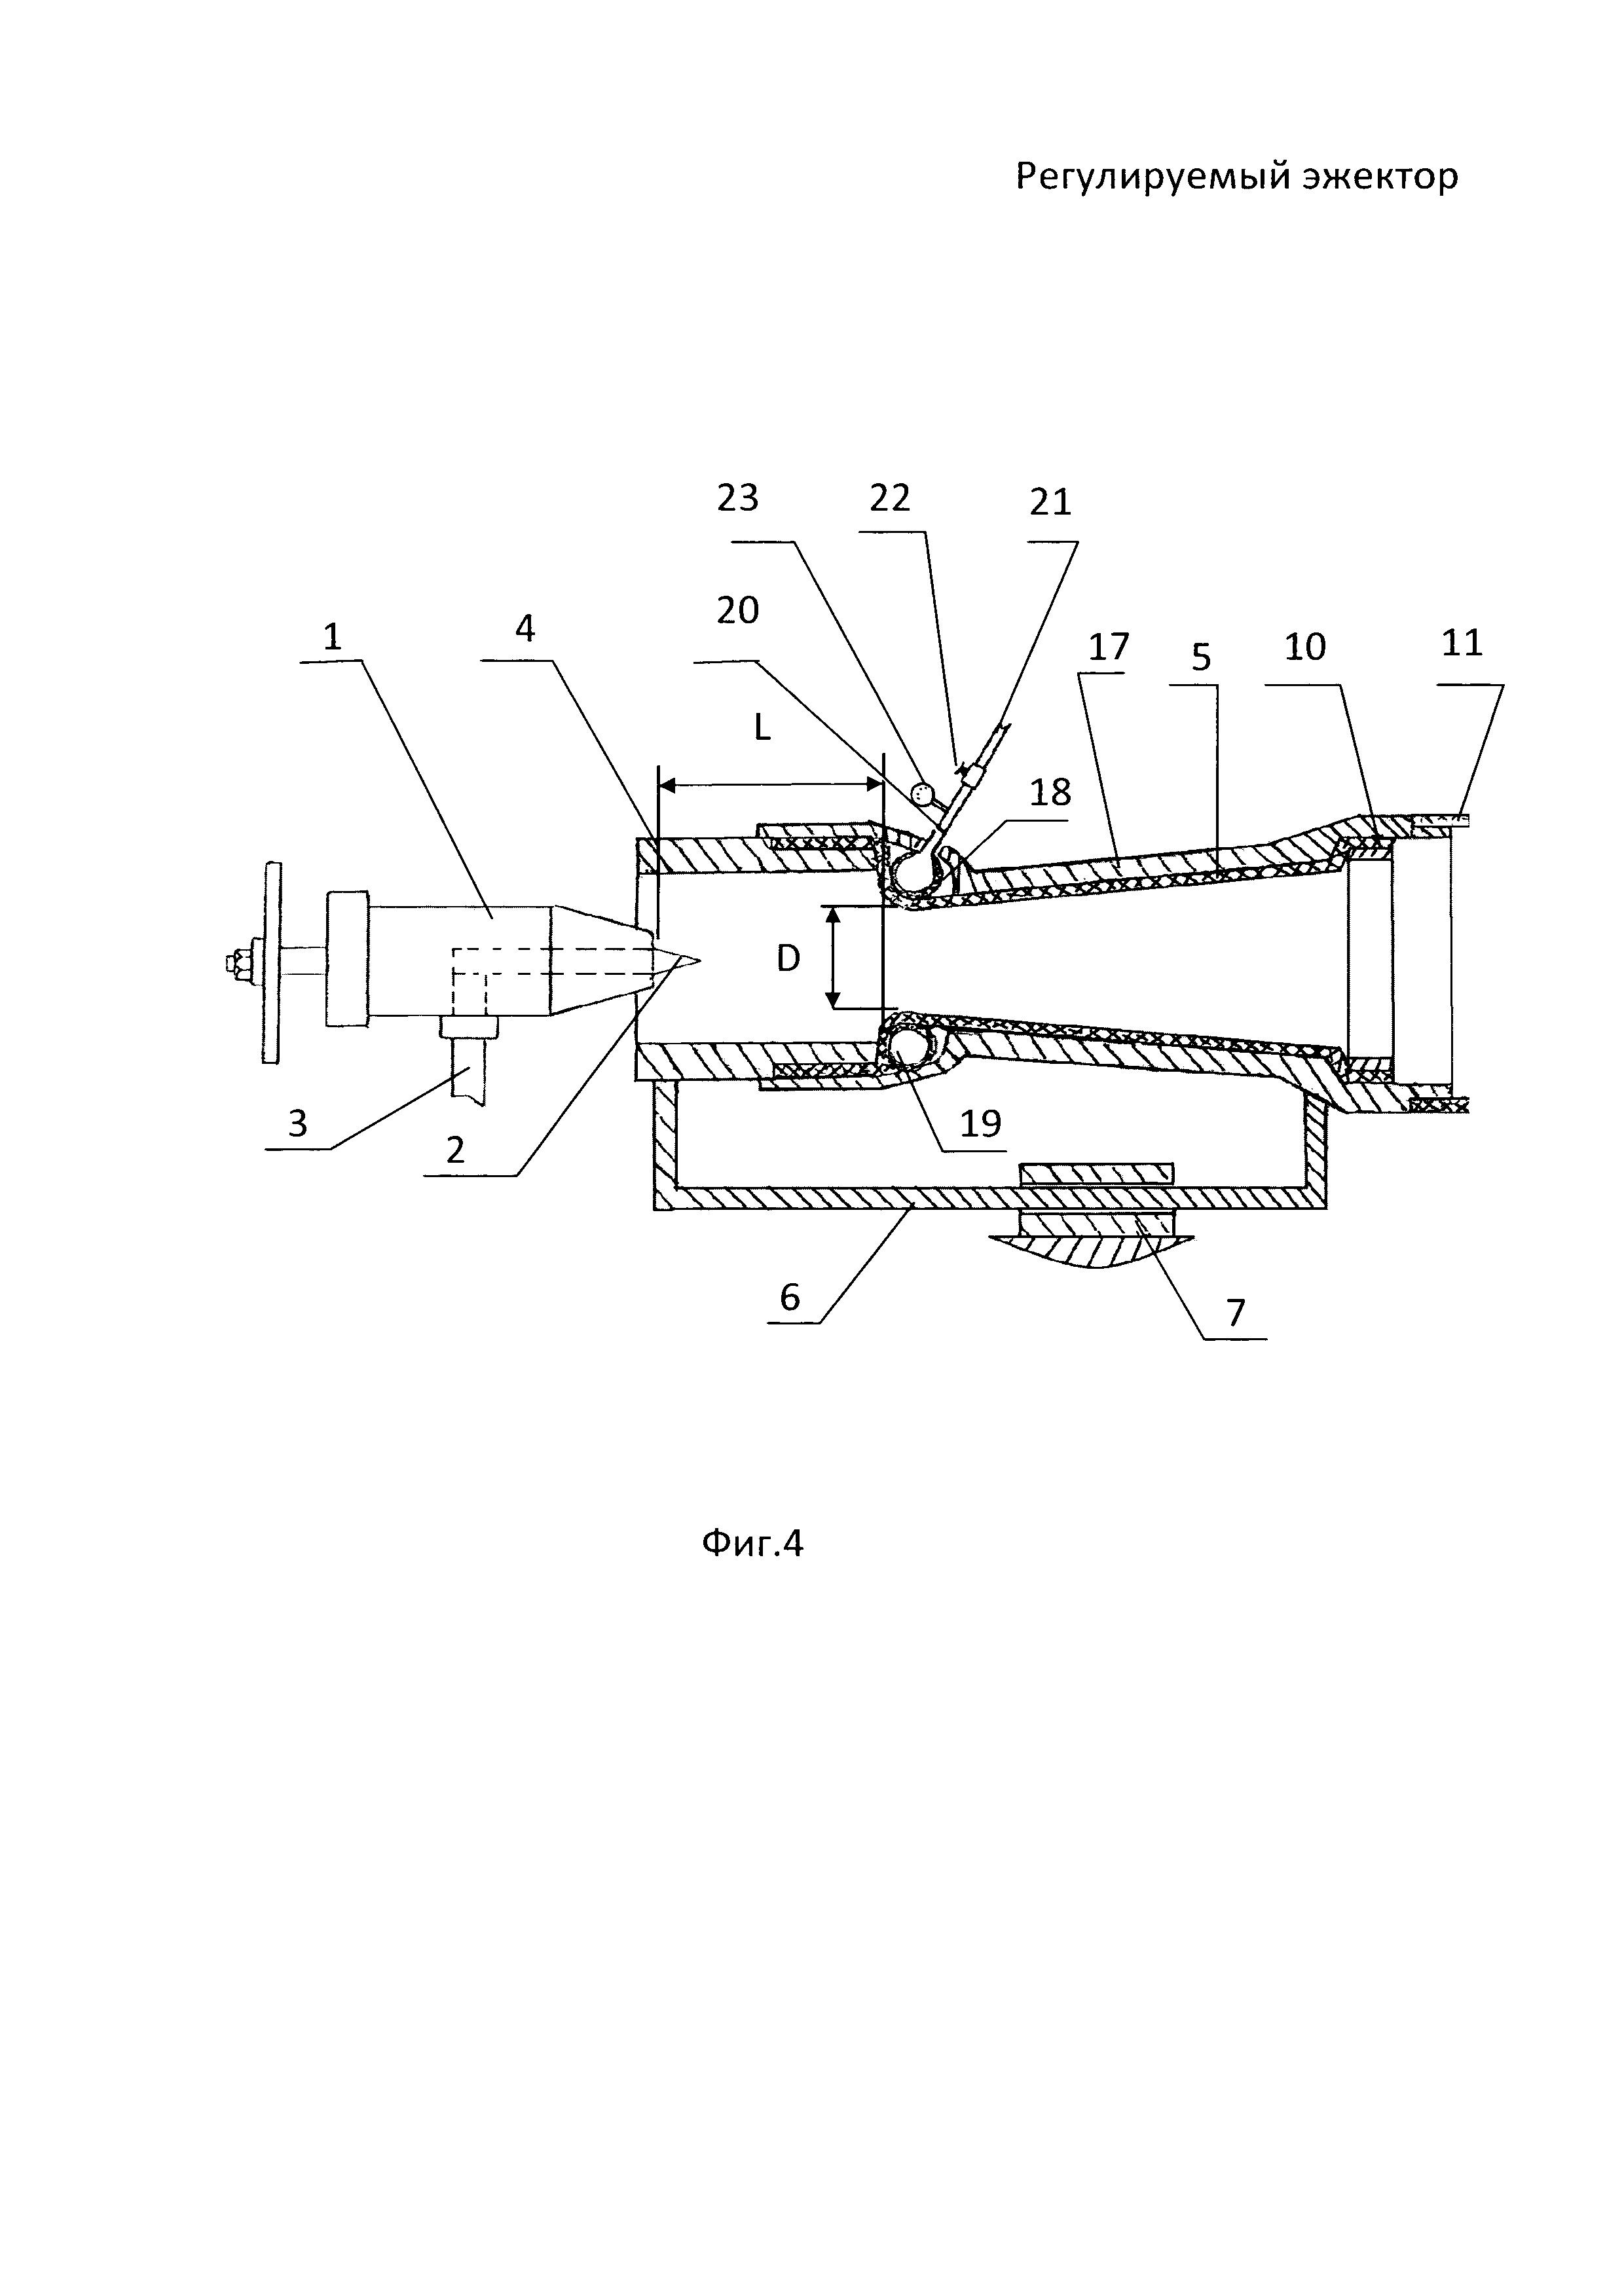 Регулируемый эжектор (варианты)